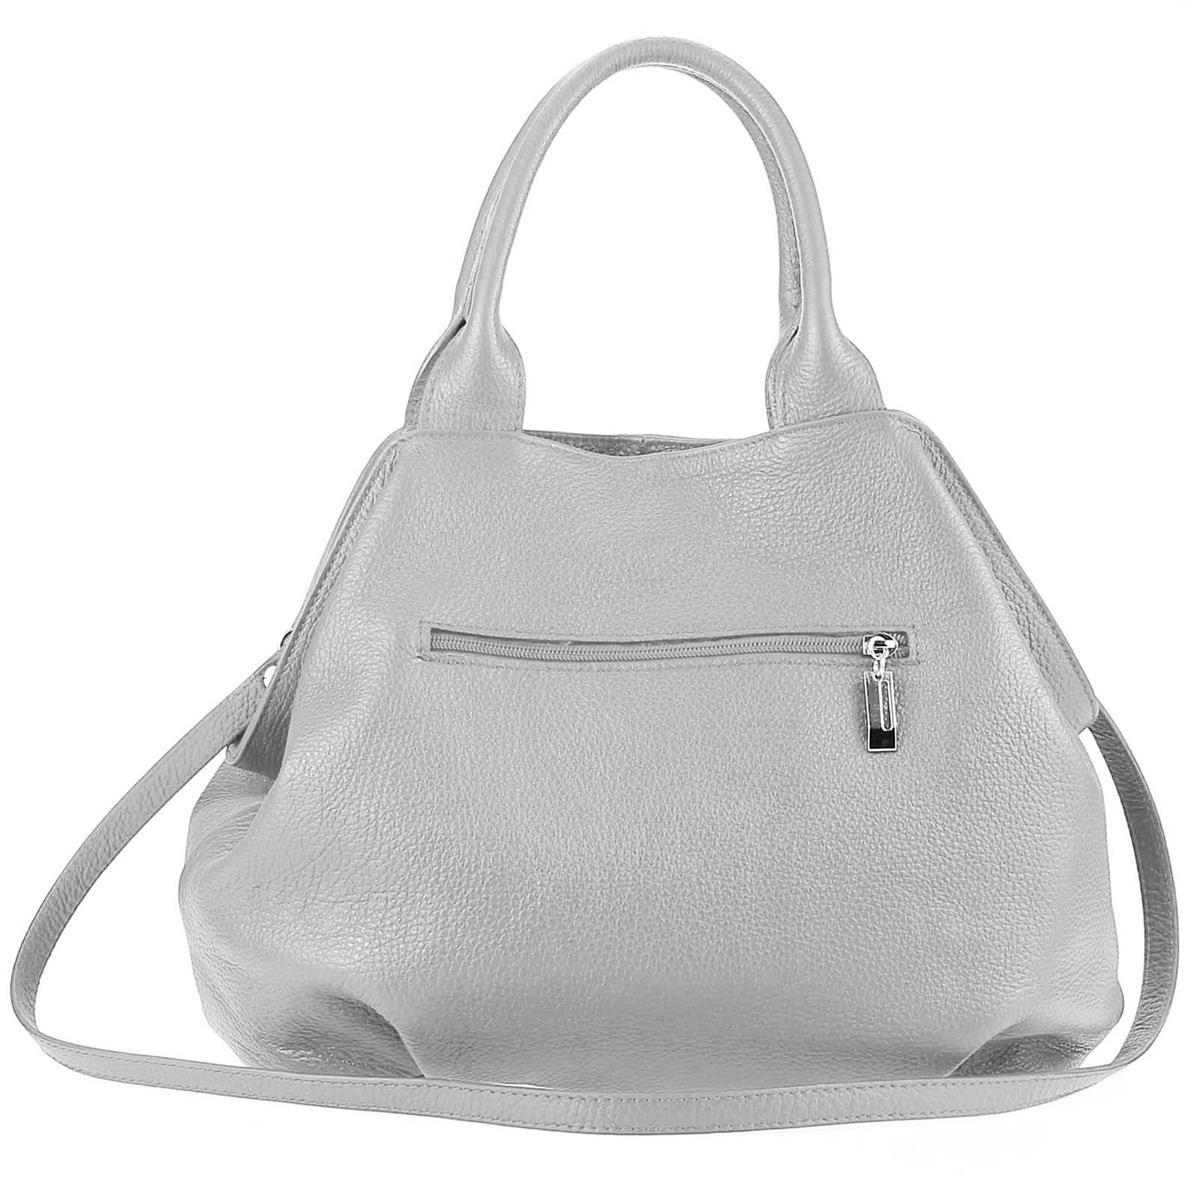 ITALY-LEDER-SHOPPER-Umhaengetasche-Schulter-Hand-Tasche-Damentasche-Ledertasche Indexbild 13